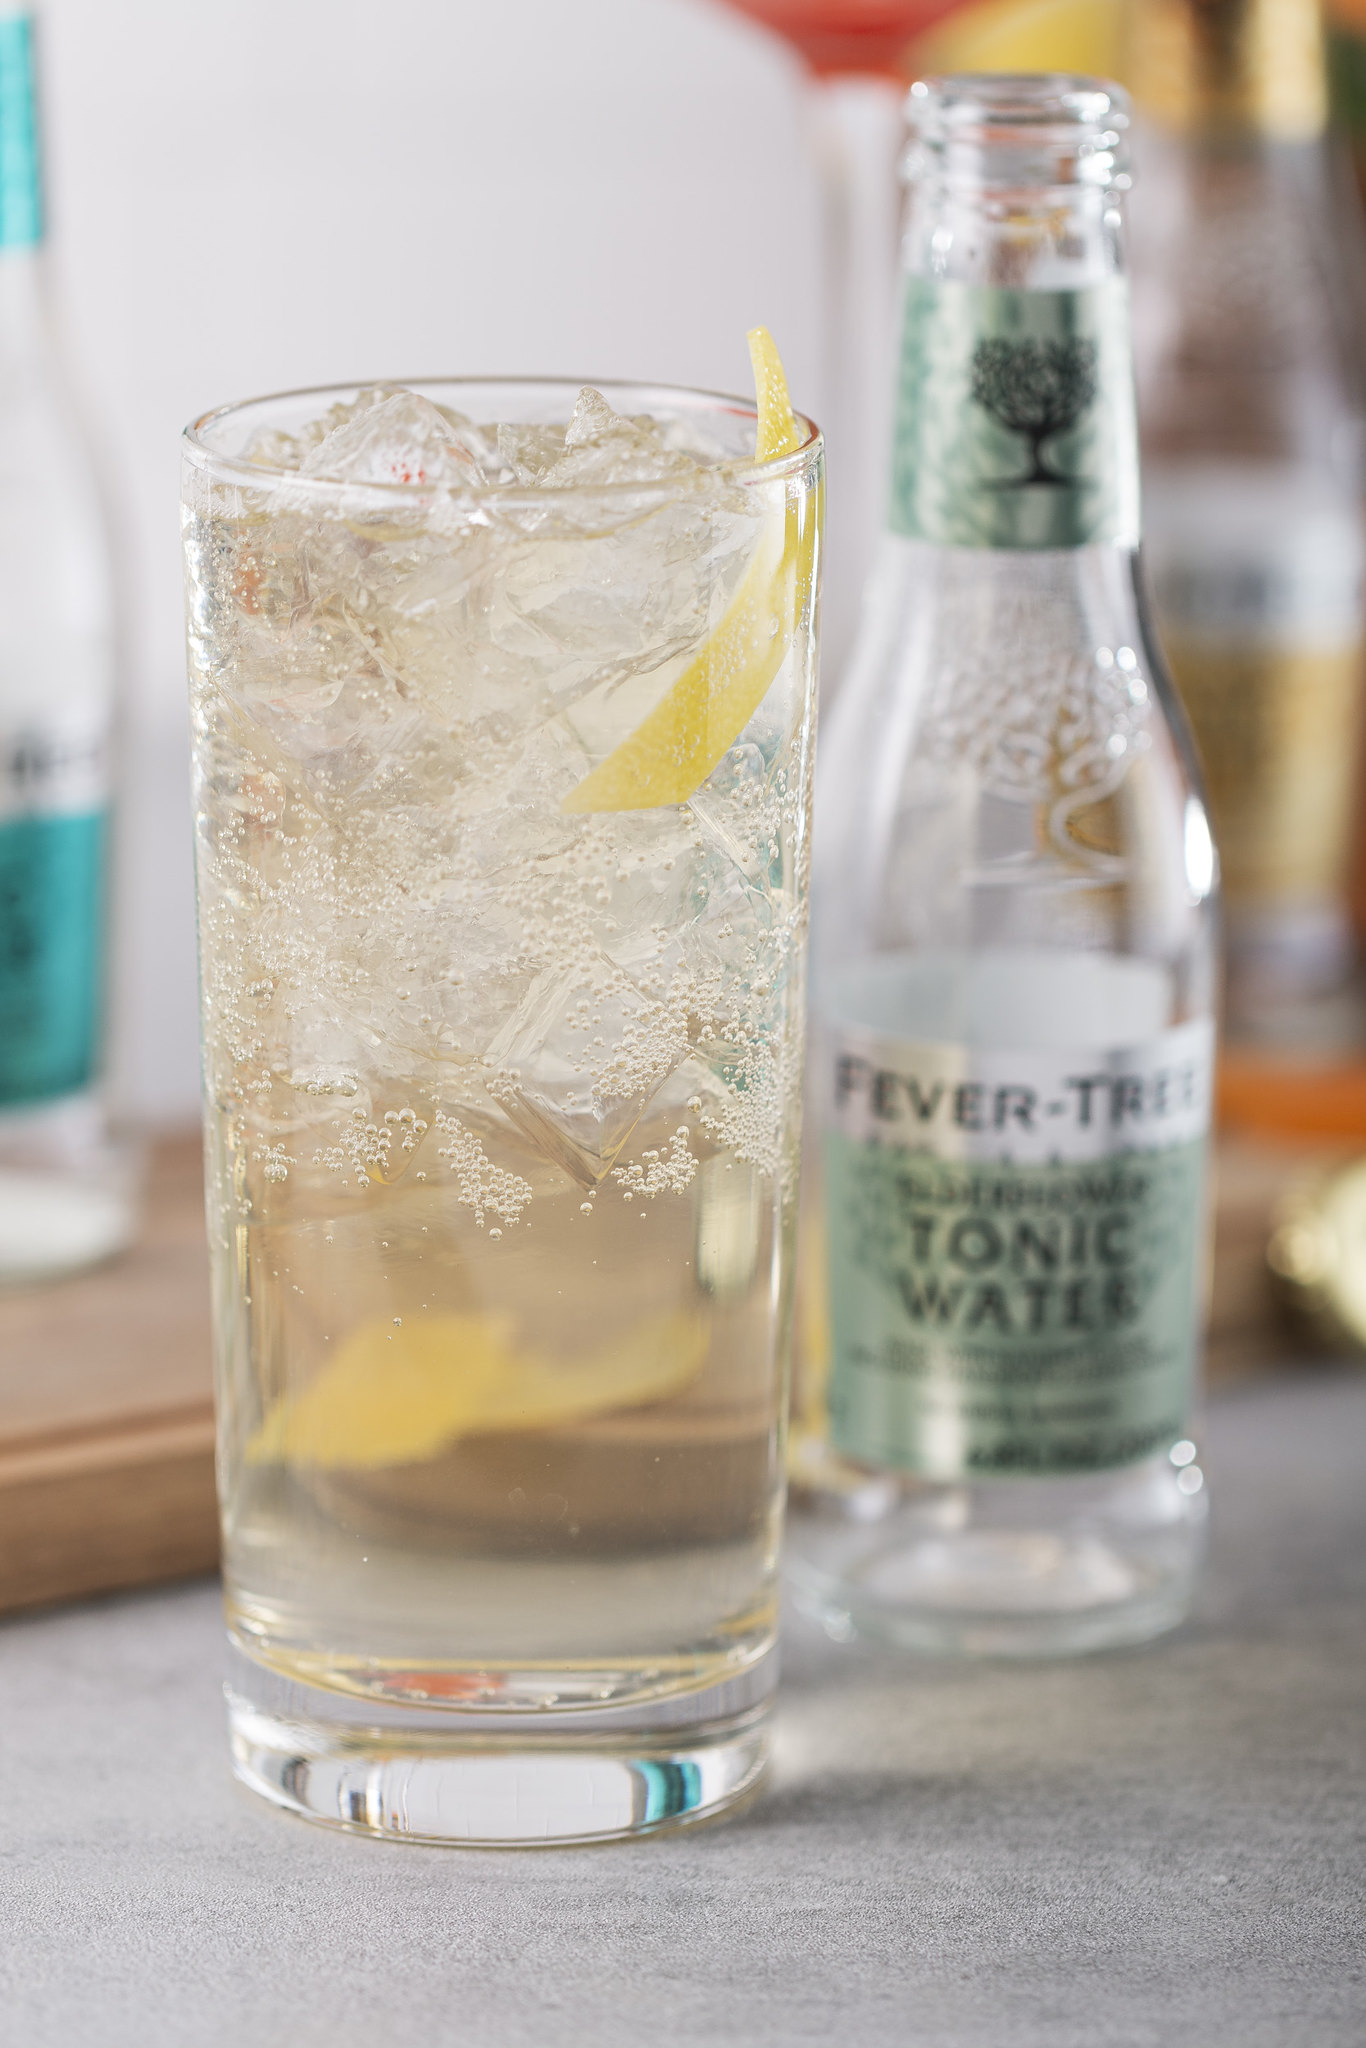 kegworks-fever-tree-tonic-cocktails-1 (1)